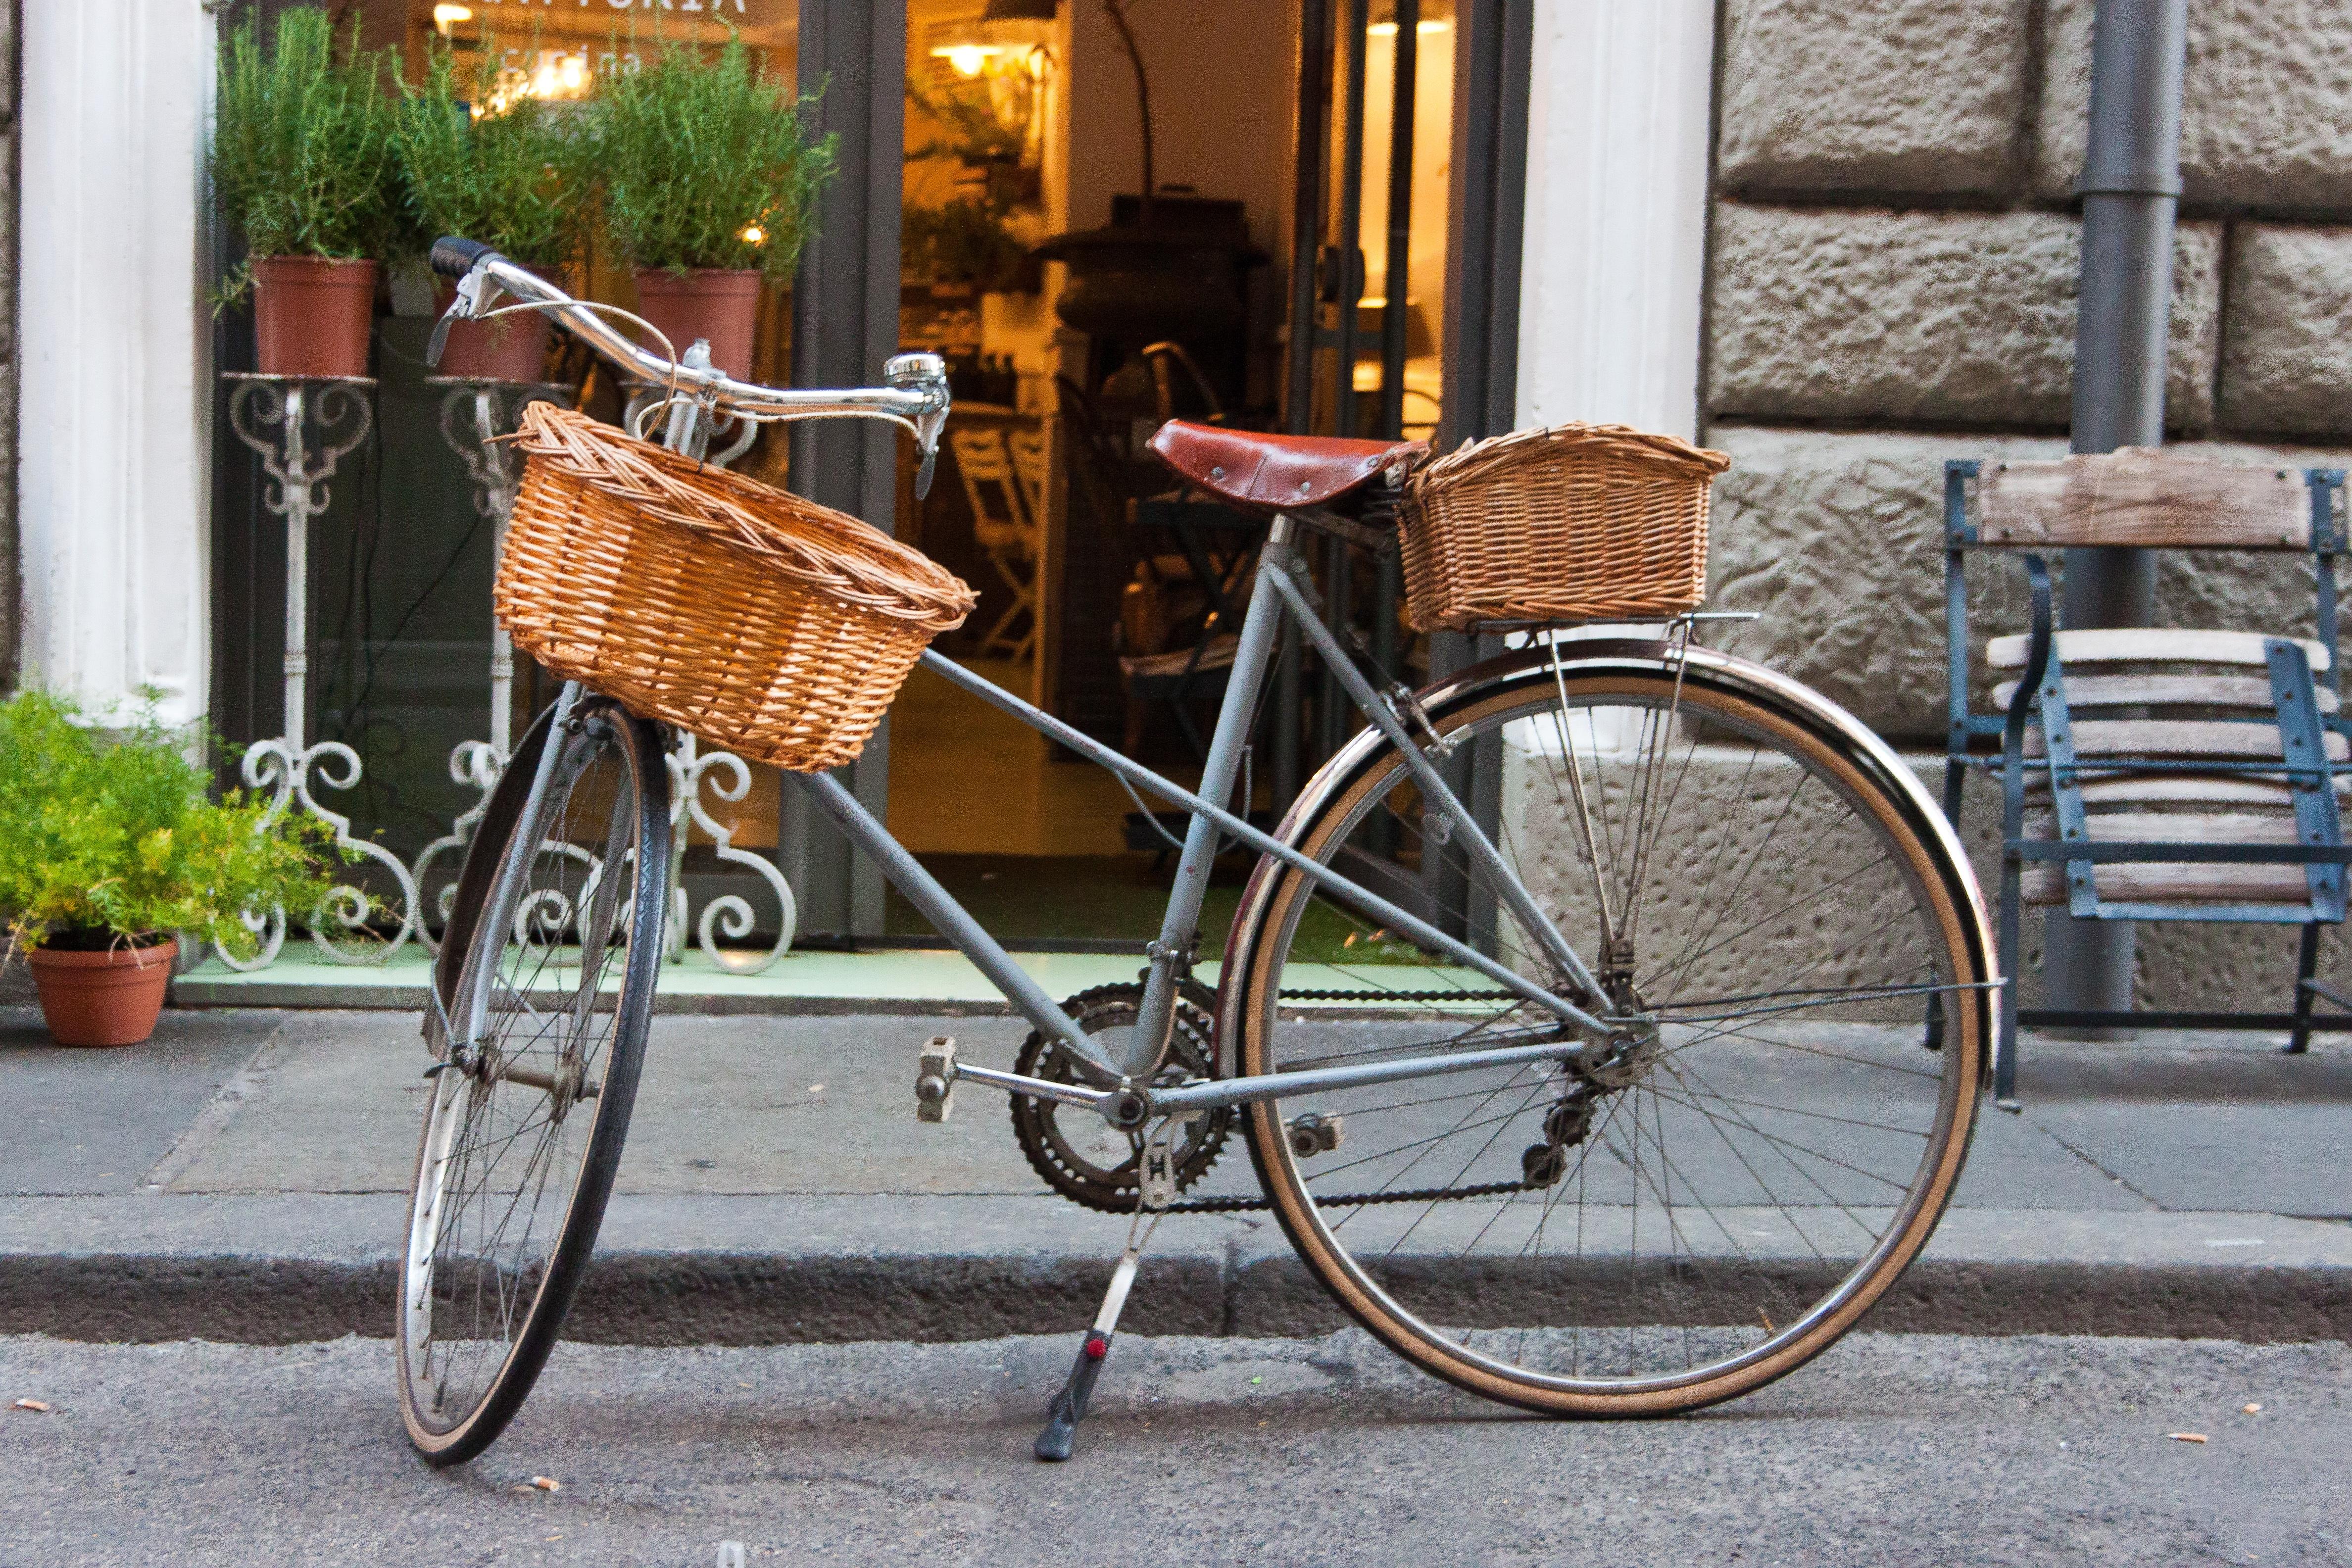 Памятник велосипеду бердянск фото пусть станет